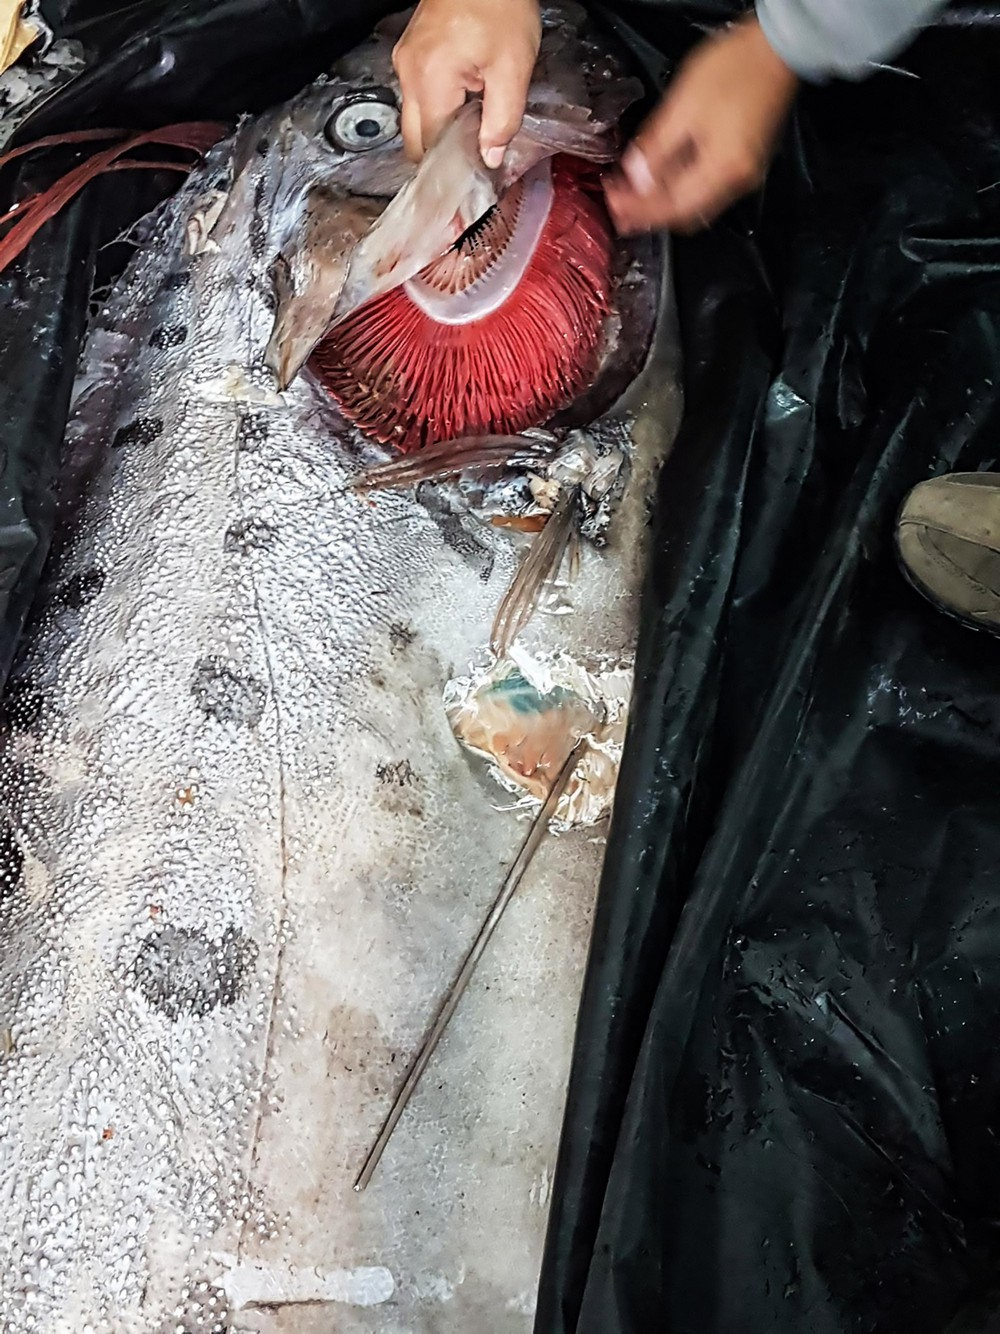 Ngư dân Chile hí hửng mừng hụt khi bắt được sinh vật có ngoại hình hệt như thủy quái - Ảnh 4.